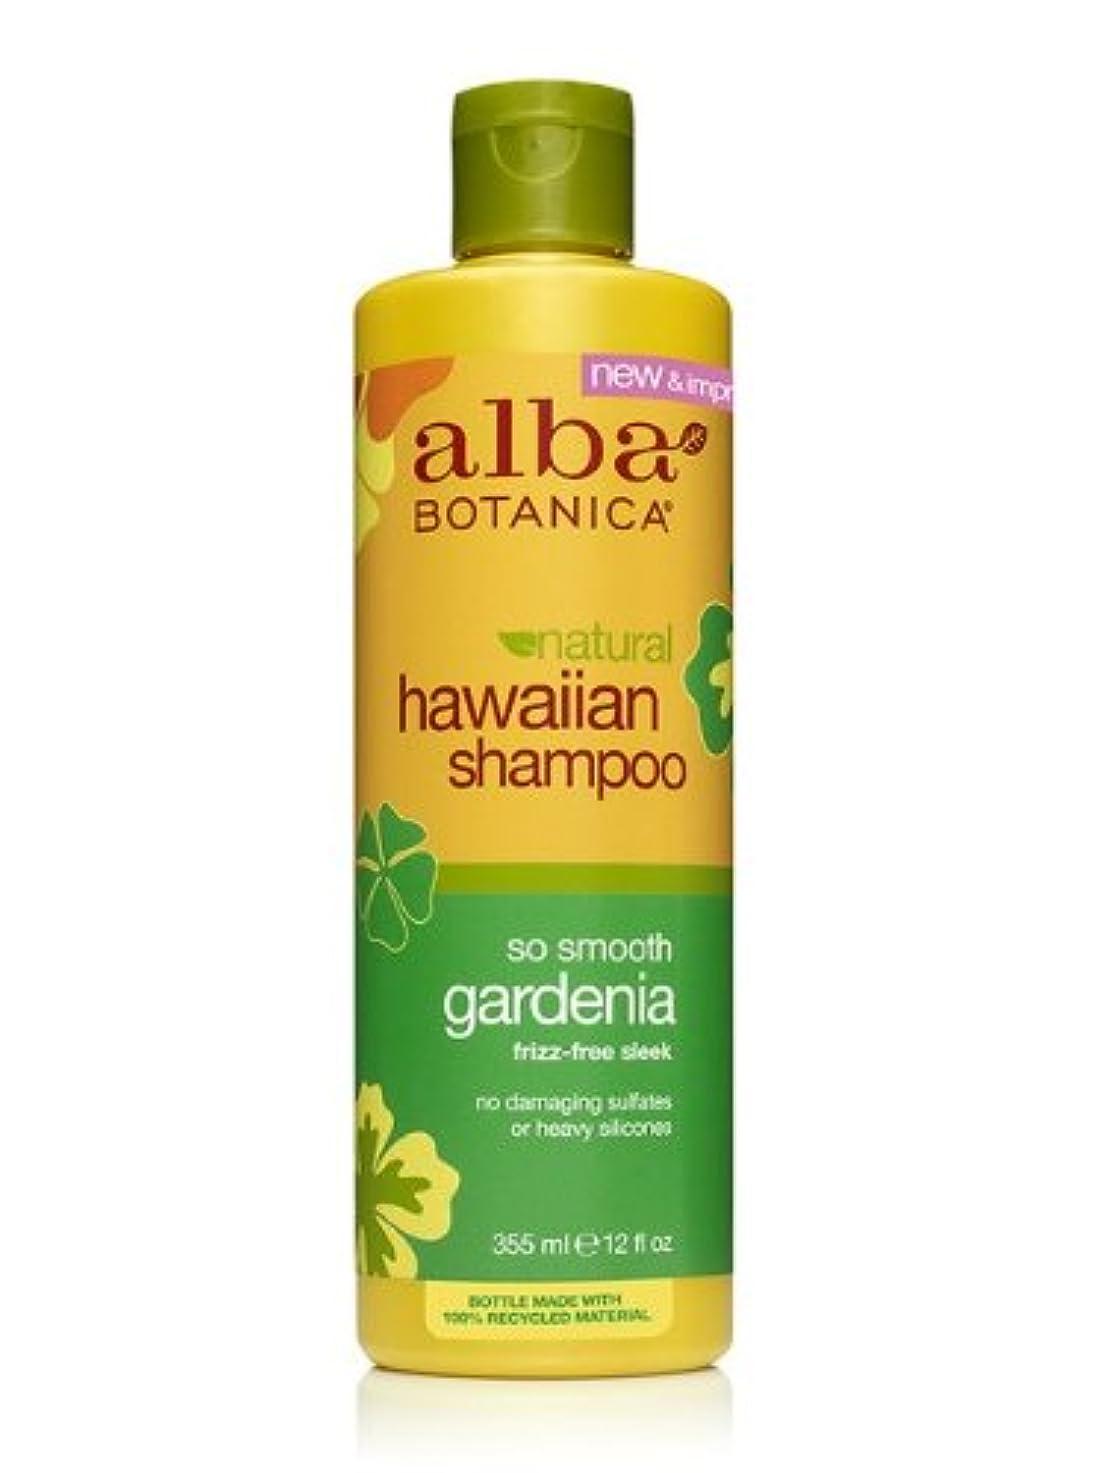 取るに足らない低い硫黄alba BOTANICA アルバボタニカ ハワイアン シャンプー GA ガーディニア